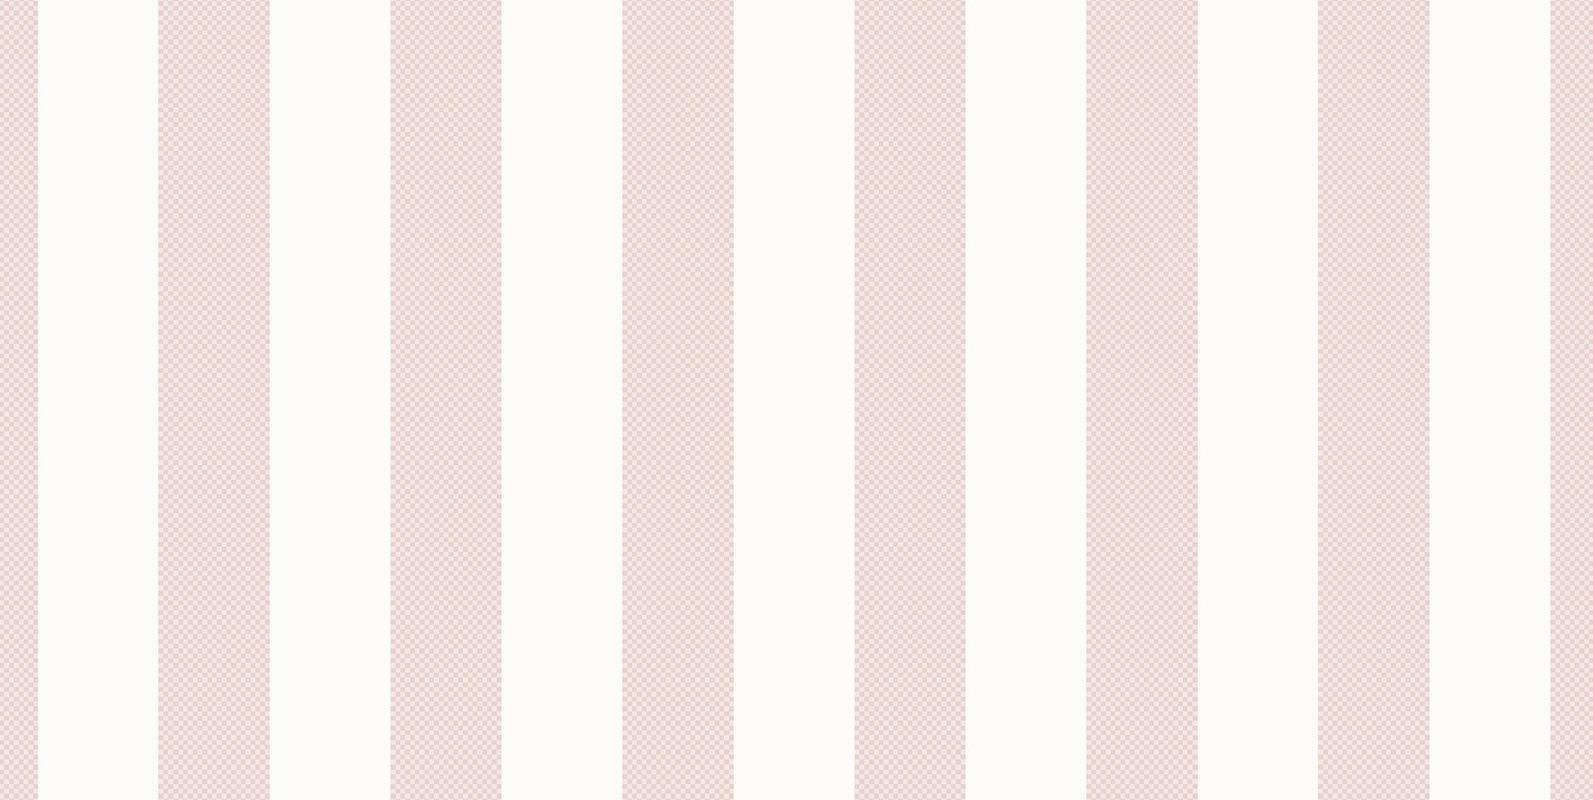 Tienda Online Telas Papel Papel Pintado Rayas Pixel Rosa ~ Papel Pintado Rayas Gris Y Blanco